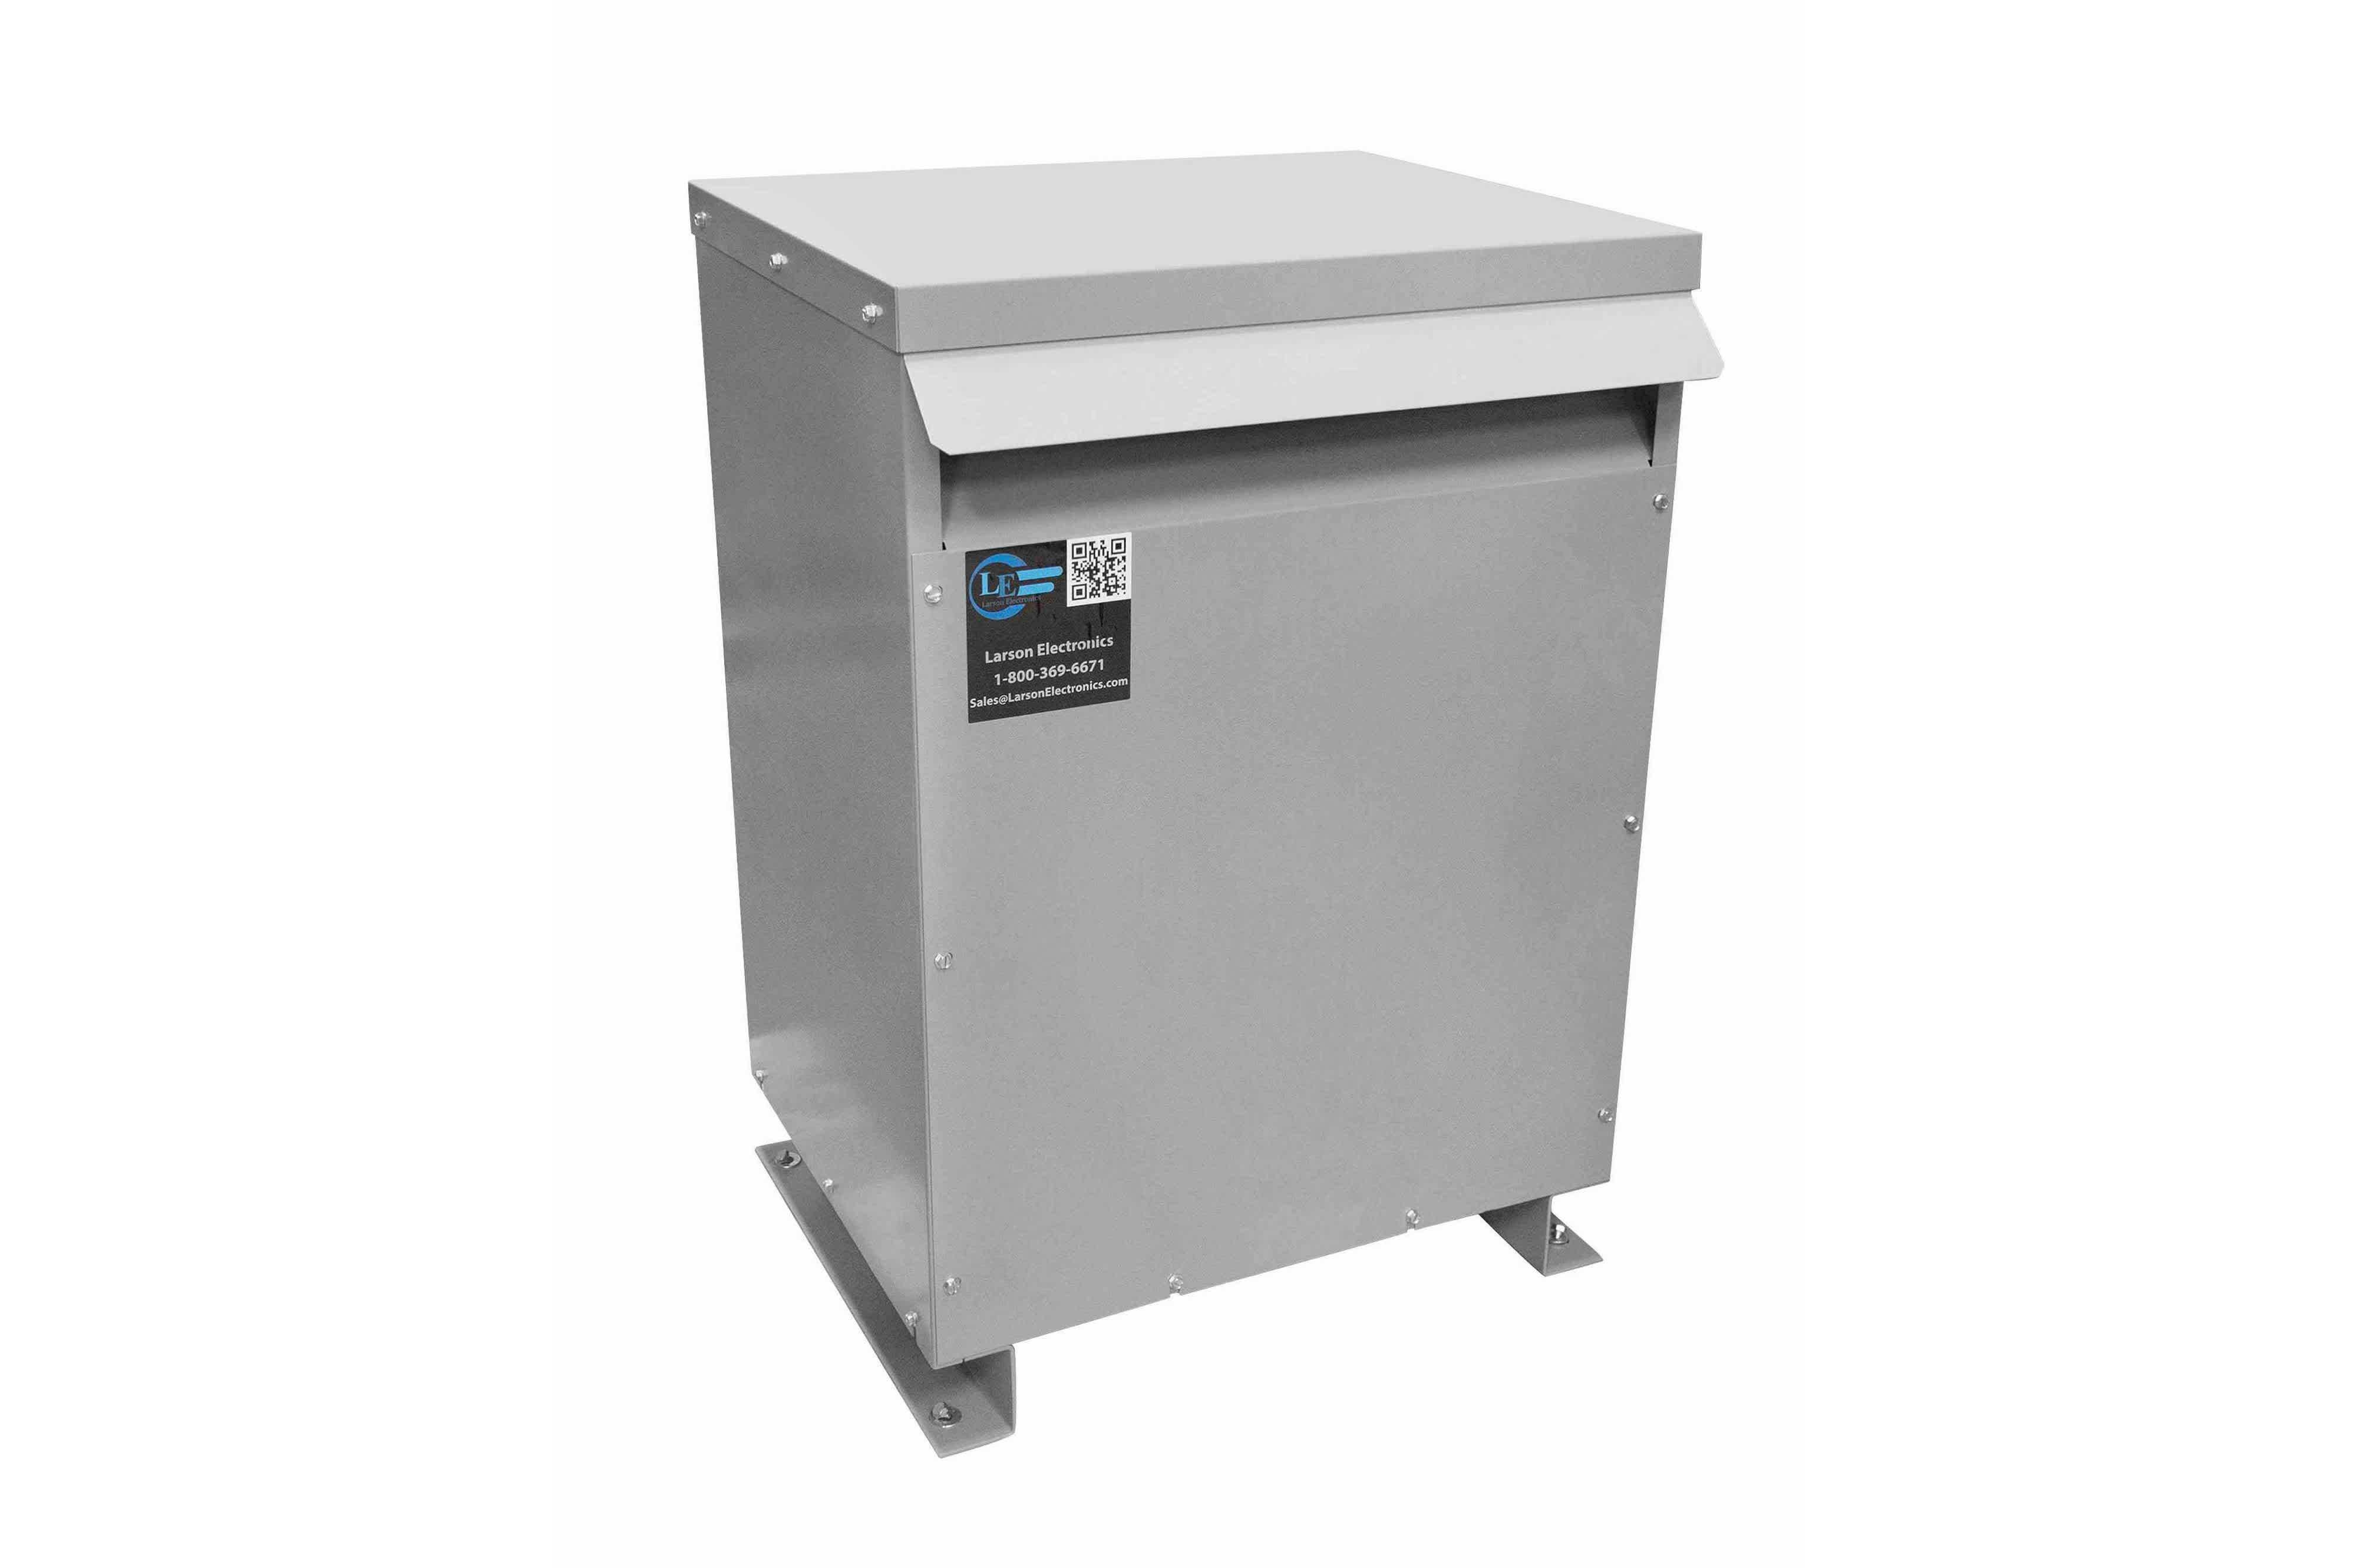 28 kVA 3PH Isolation Transformer, 380V Delta Primary, 240 Delta Secondary, N3R, Ventilated, 60 Hz